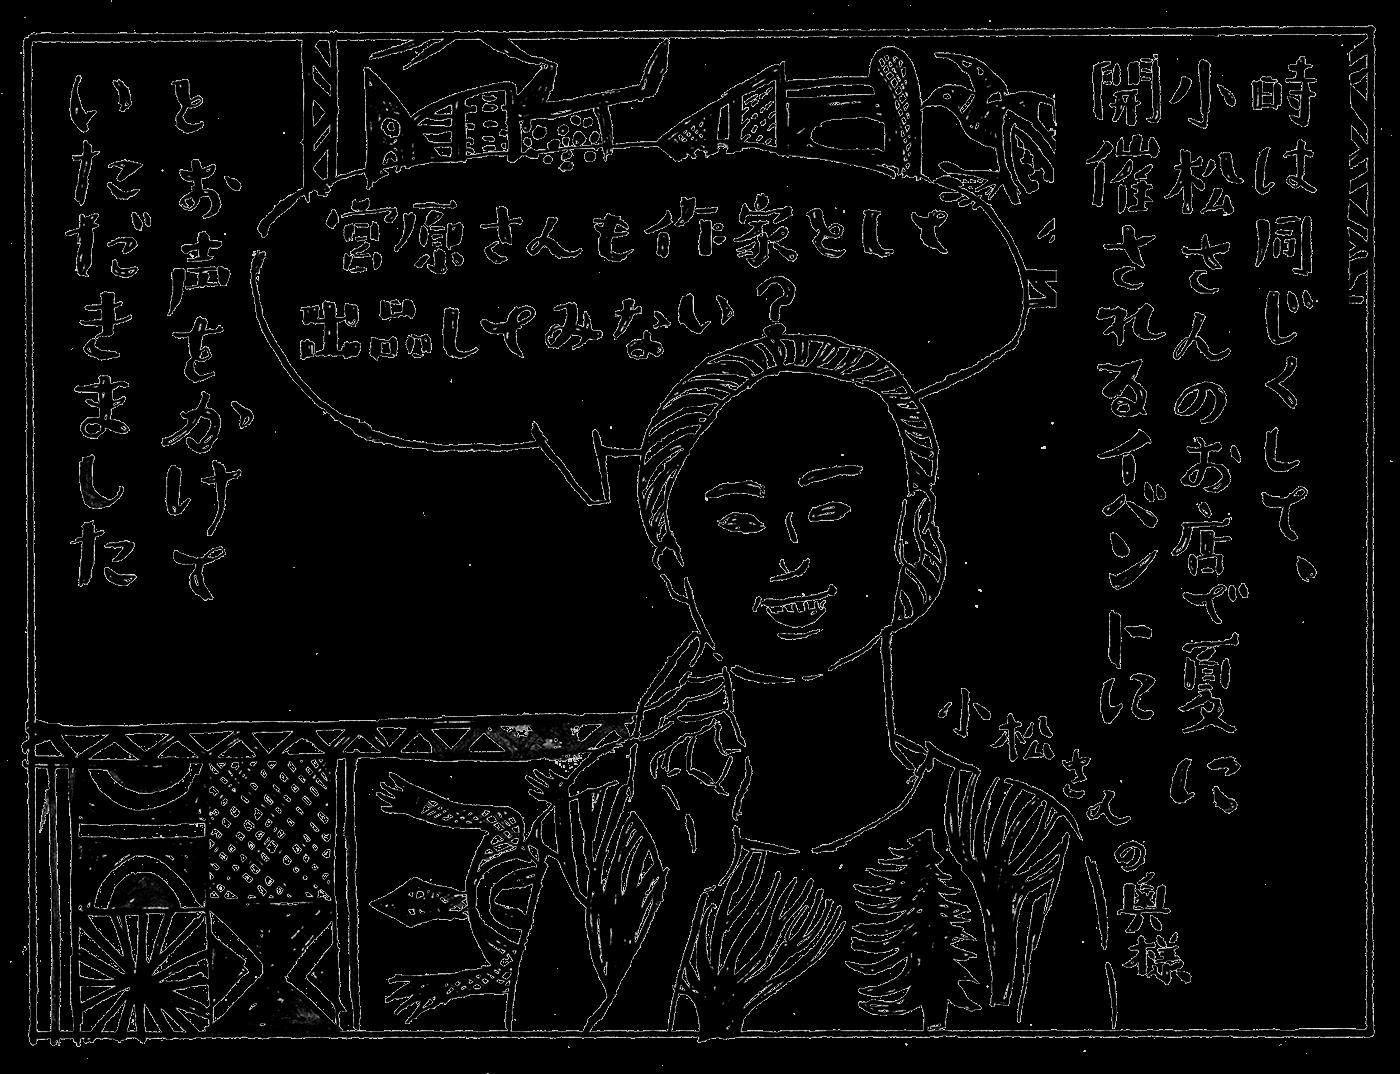 時は同じくして、小松さんのお店で夏に開催されるイベントに小松さんの奥様に宮原さんも作家として出品してみない?とお声をかけていただきました。